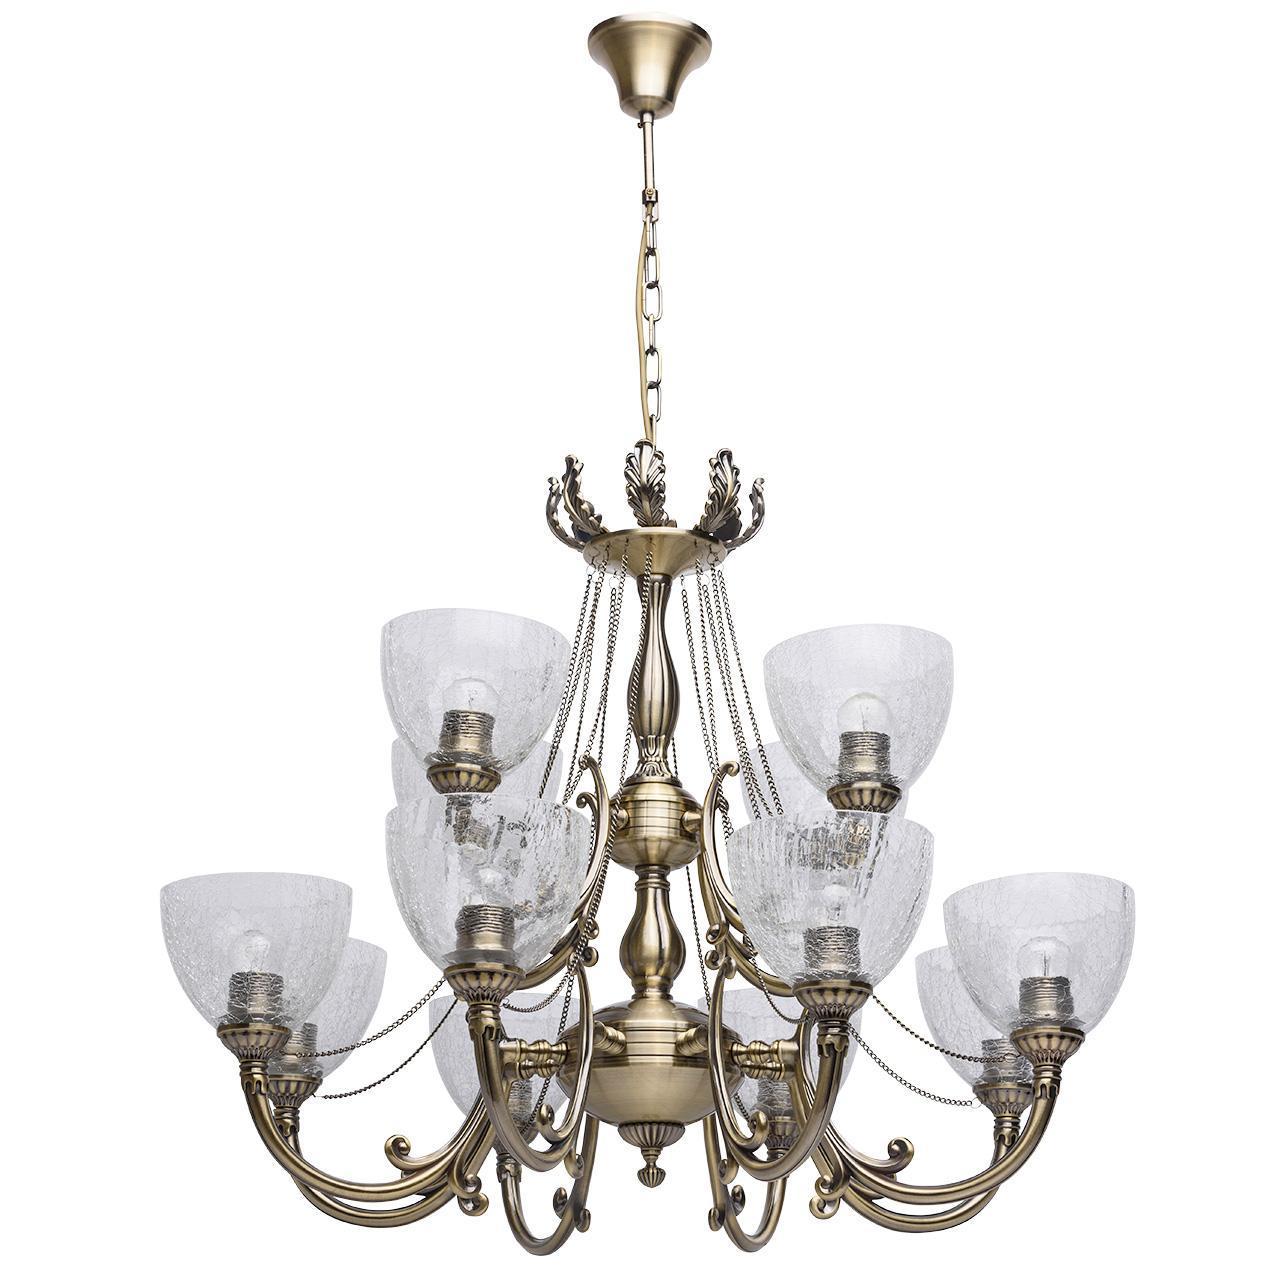 Подвесная люстра MW-Light Аманда 481011712 потолочная люстра mw light аманда 6 481011805